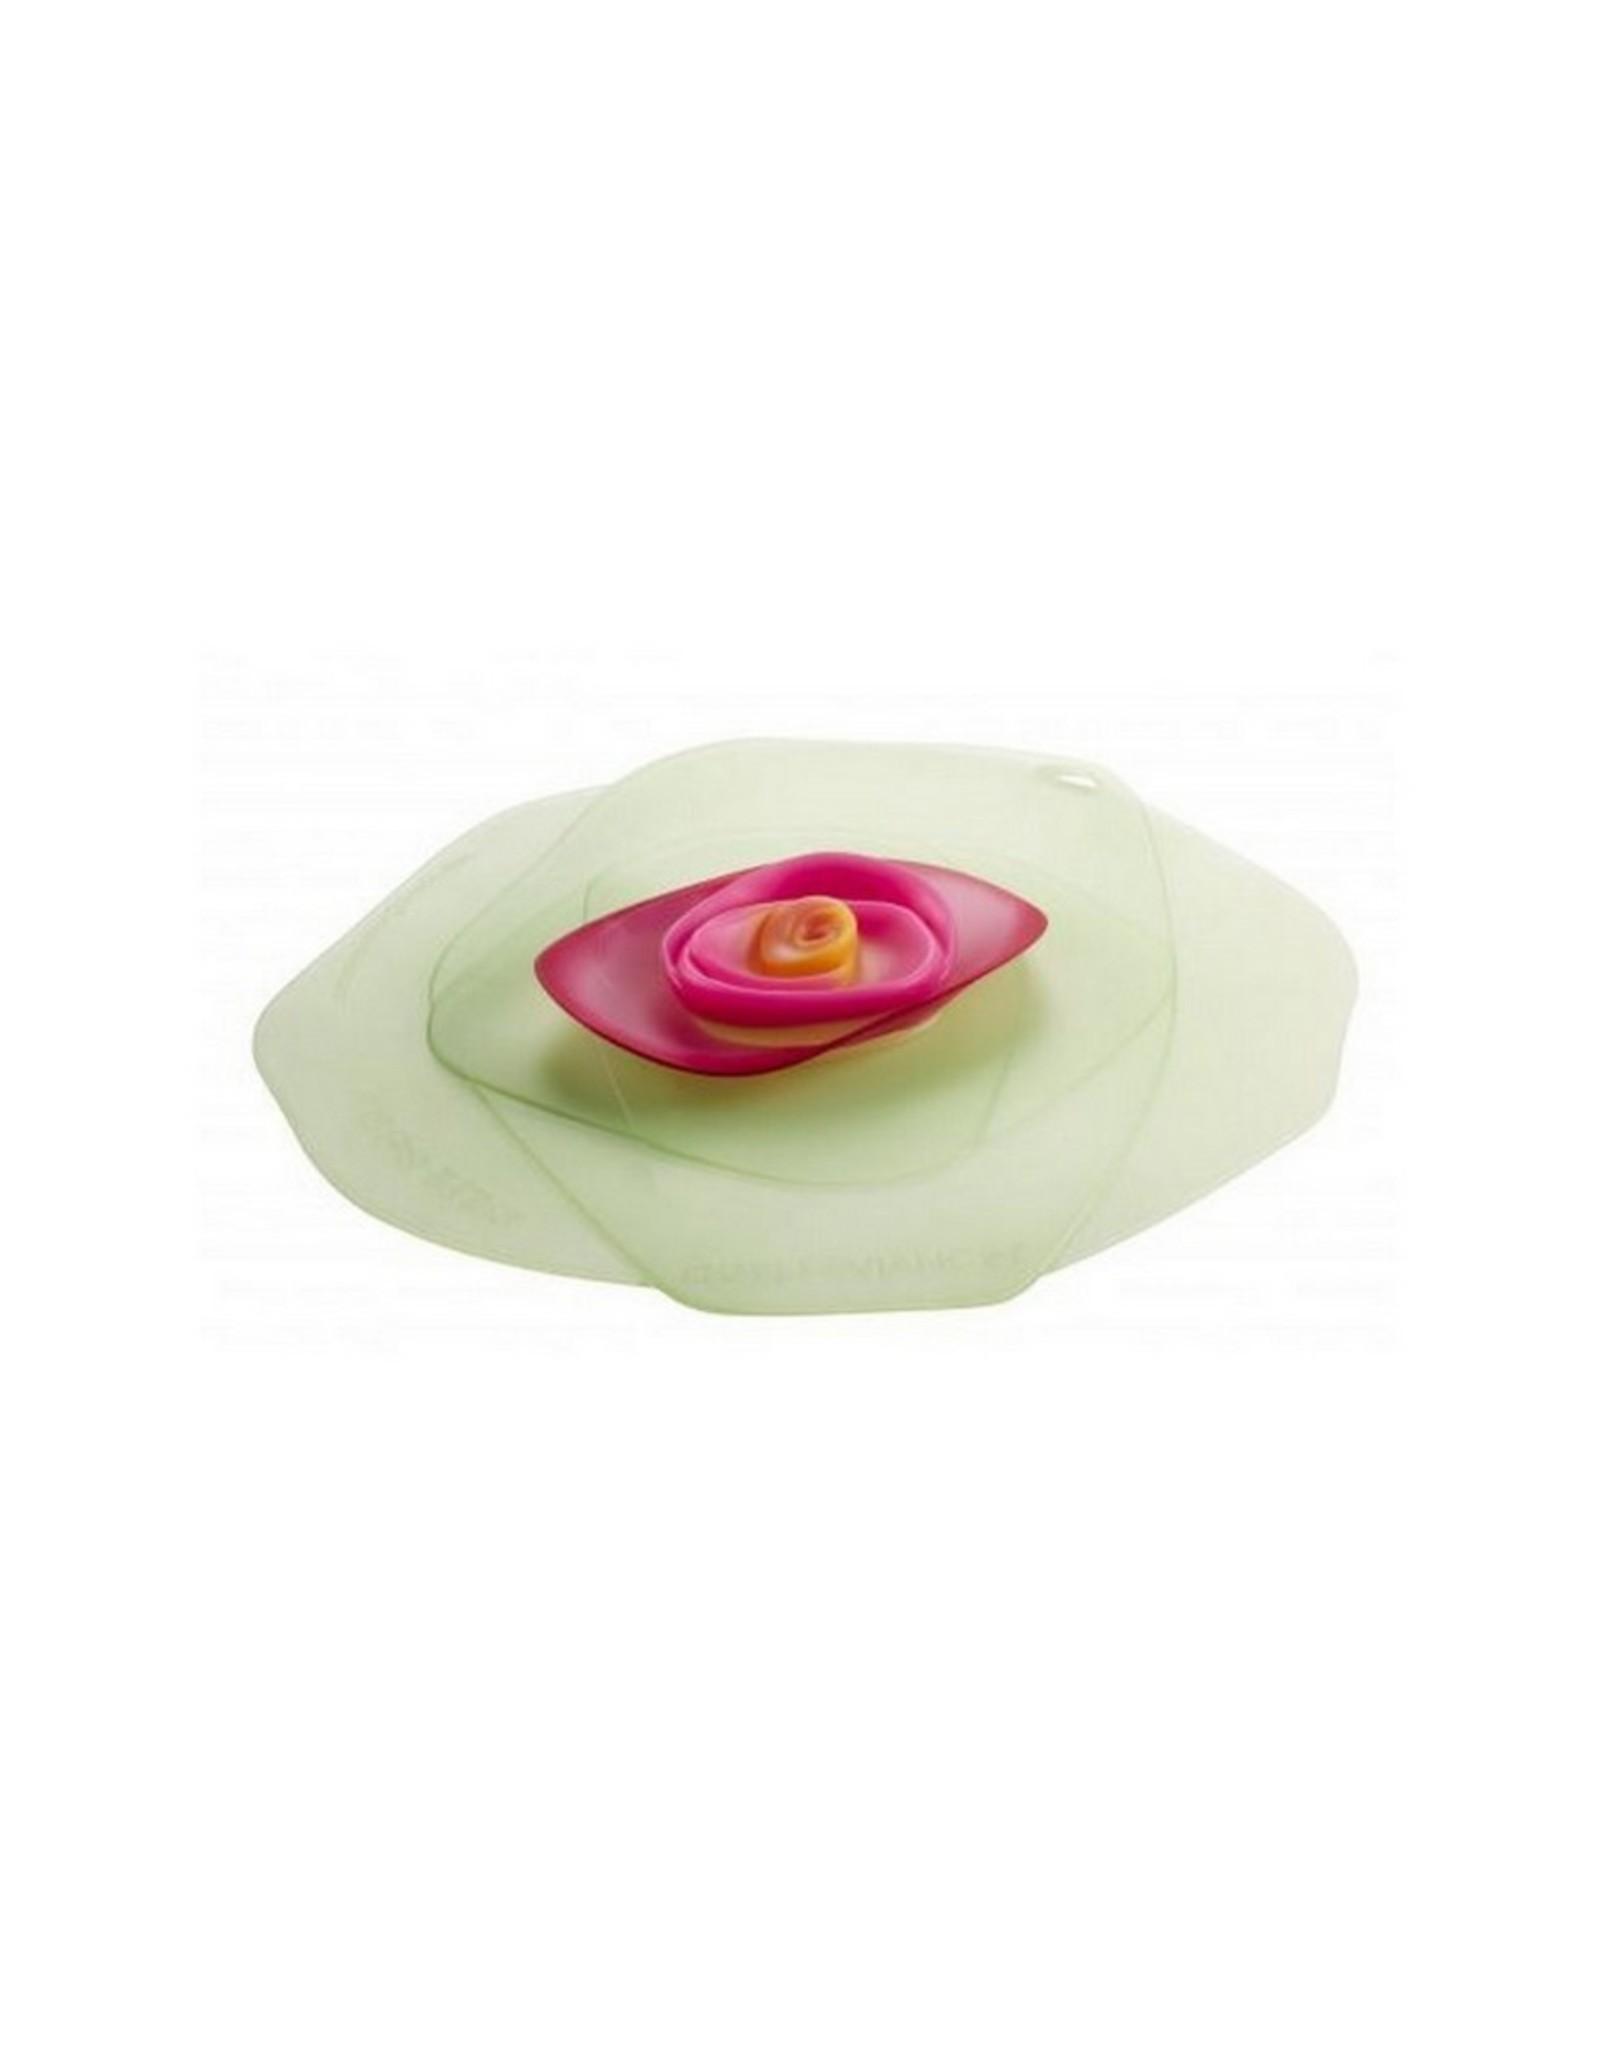 Charles Viancin Group Deksel Rose groen/fuchsia 20 cm